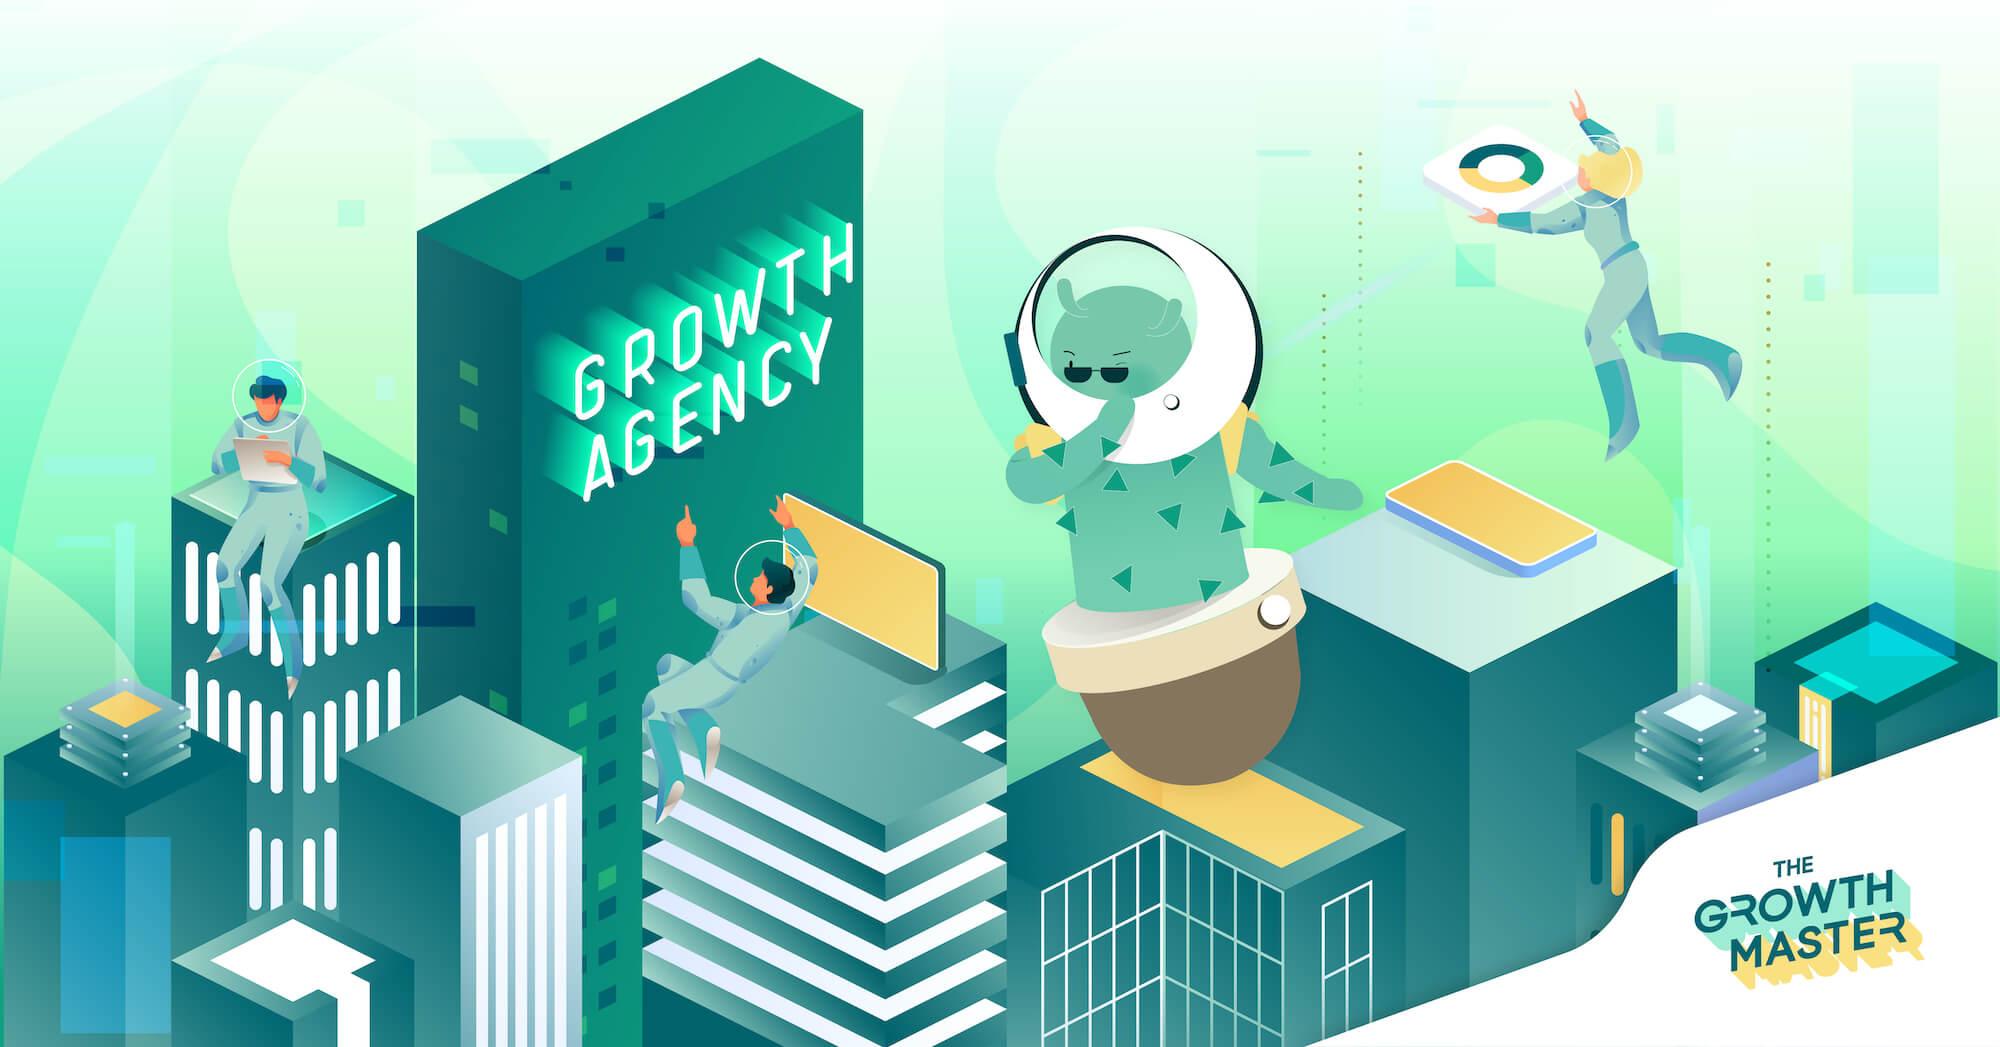 Growth Agency คืออะไร? ทำไมถึงเป็นเอเจนซี่การตลาดรูปแบบใหม่ที่น่าจับตา